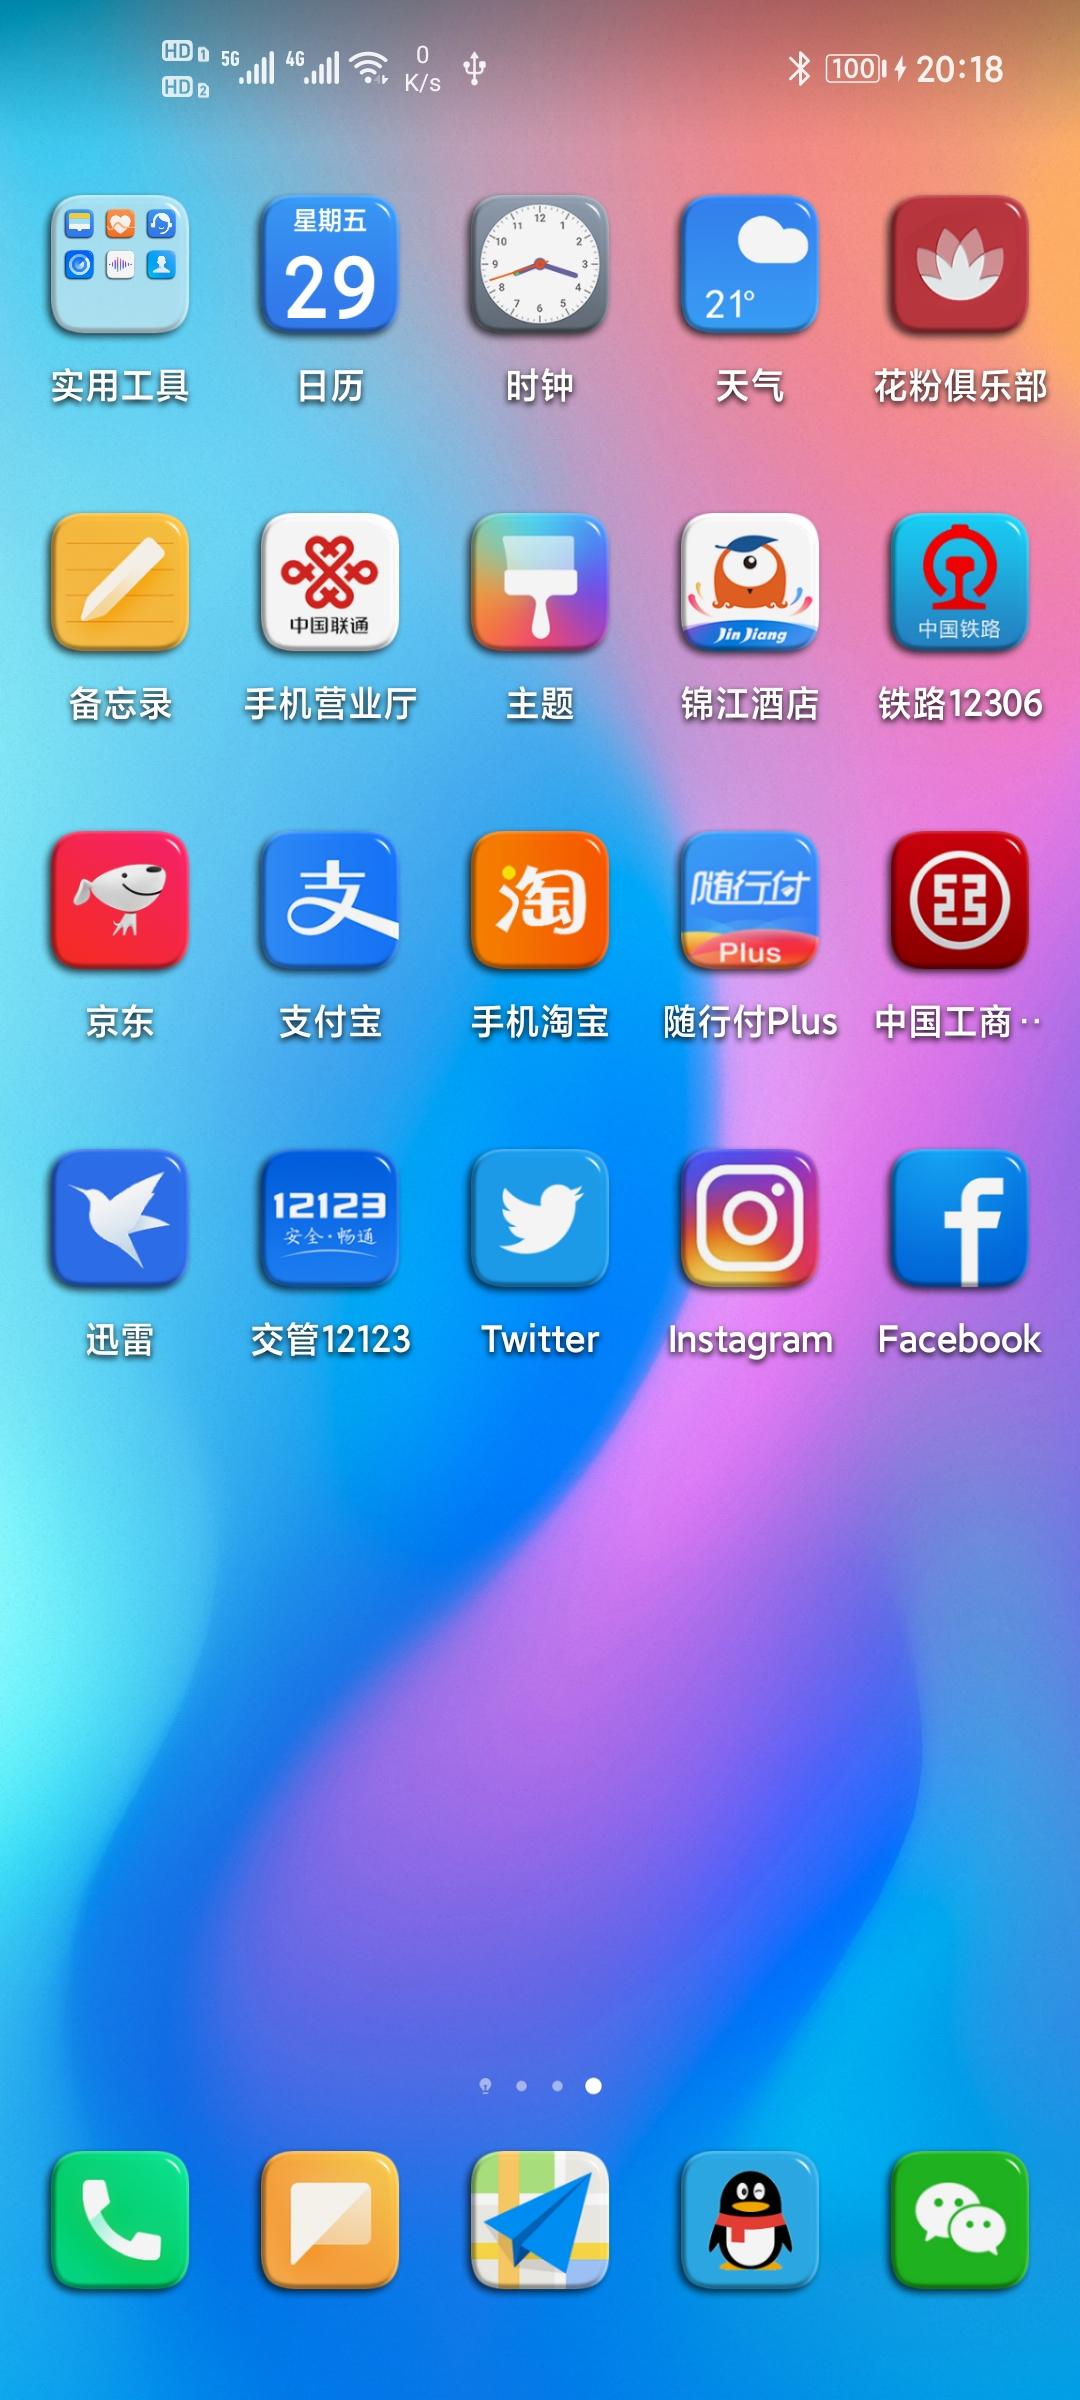 Screenshot_20200529_201842_com.huawei.android.launcher.jpg